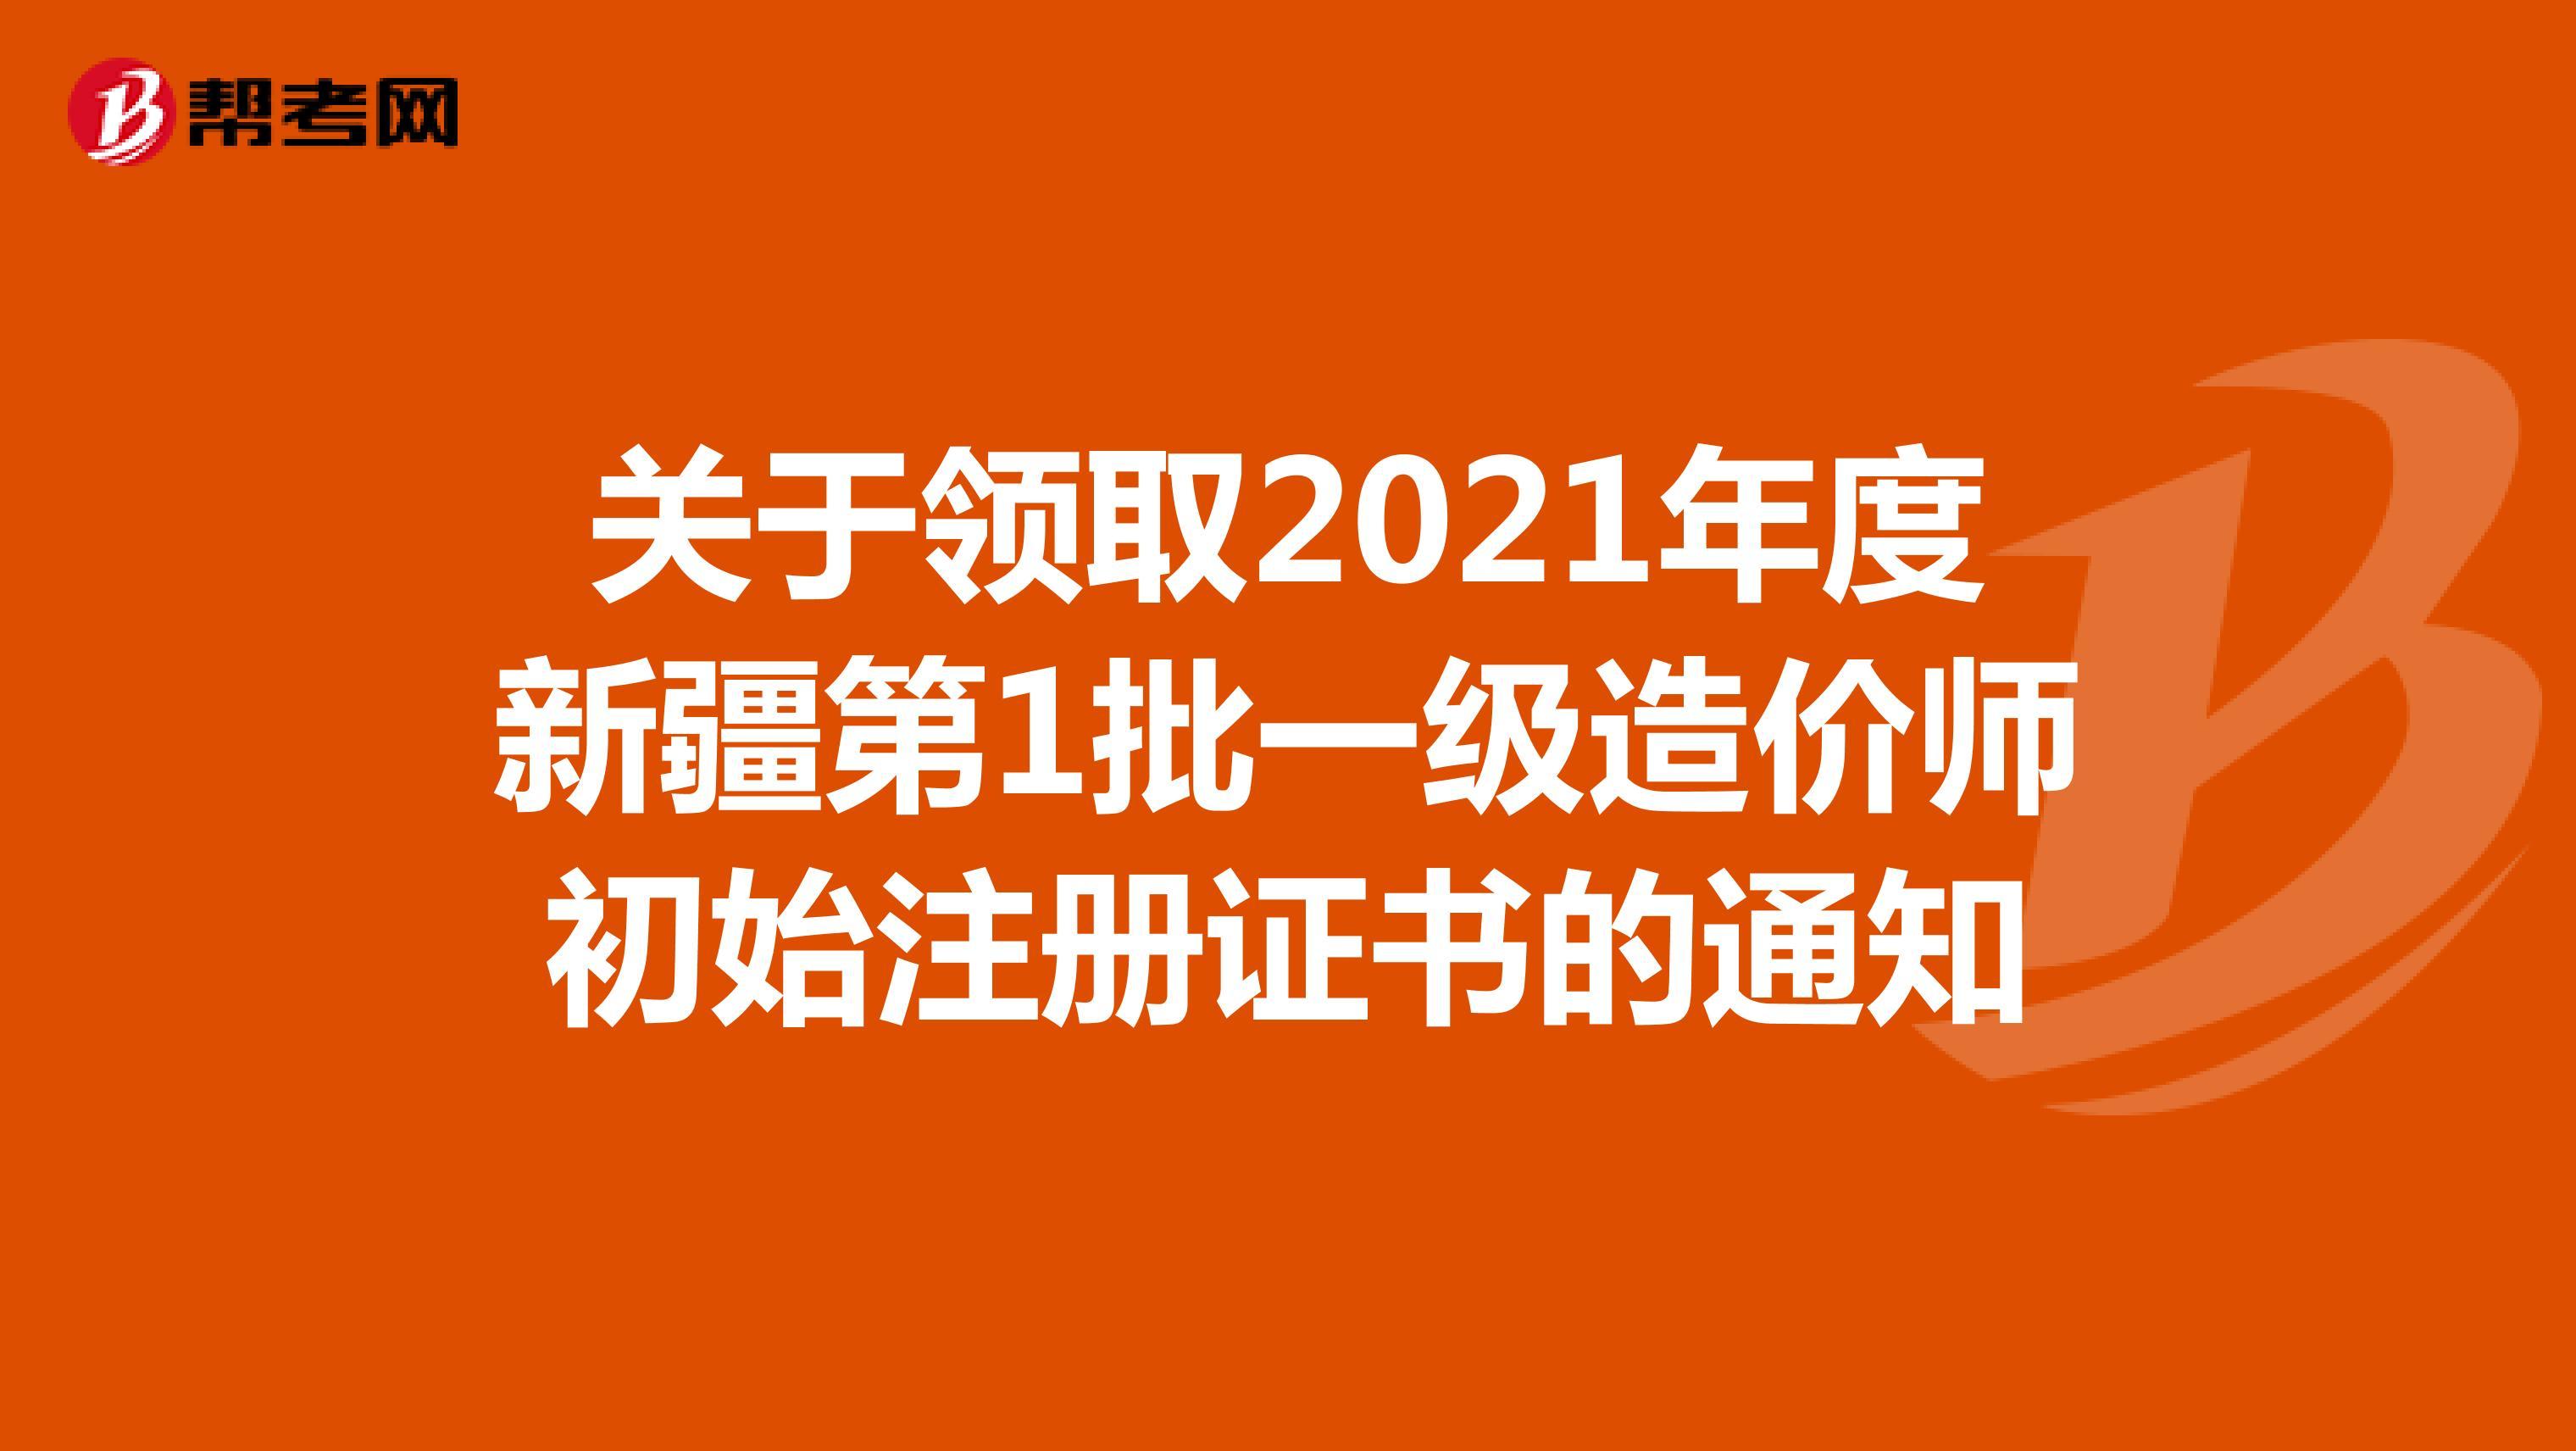 关于领取2021年度新疆第1批一级造价师初始注册证书的通知